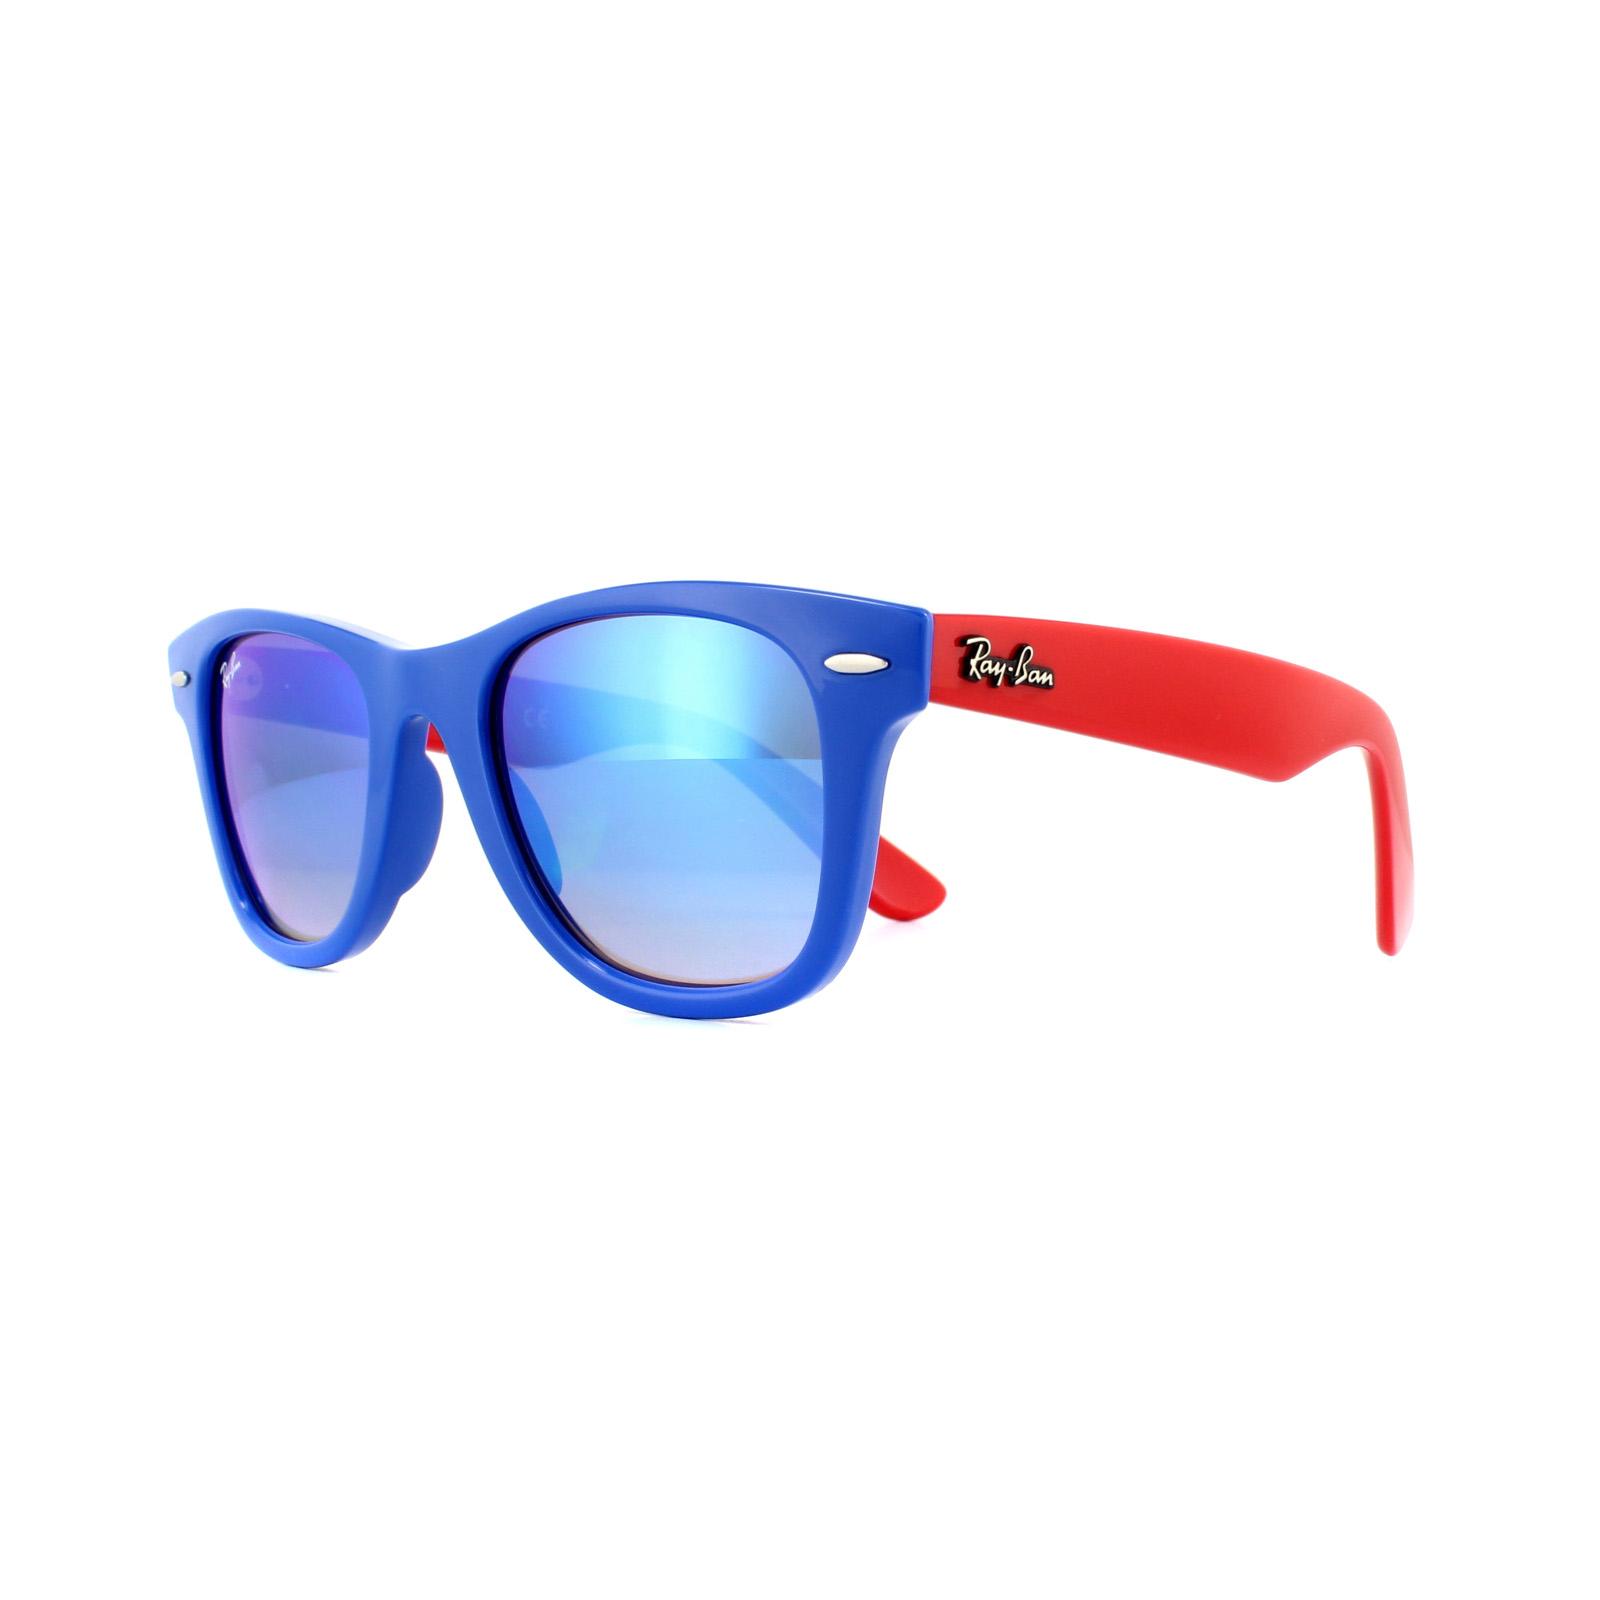 9a26e53fe1 CENTINELA Gafas de sol Ray-Ban Junior Wayfarer RJ9066 7039B7 Azul Rojo Azul  Espejo degradado